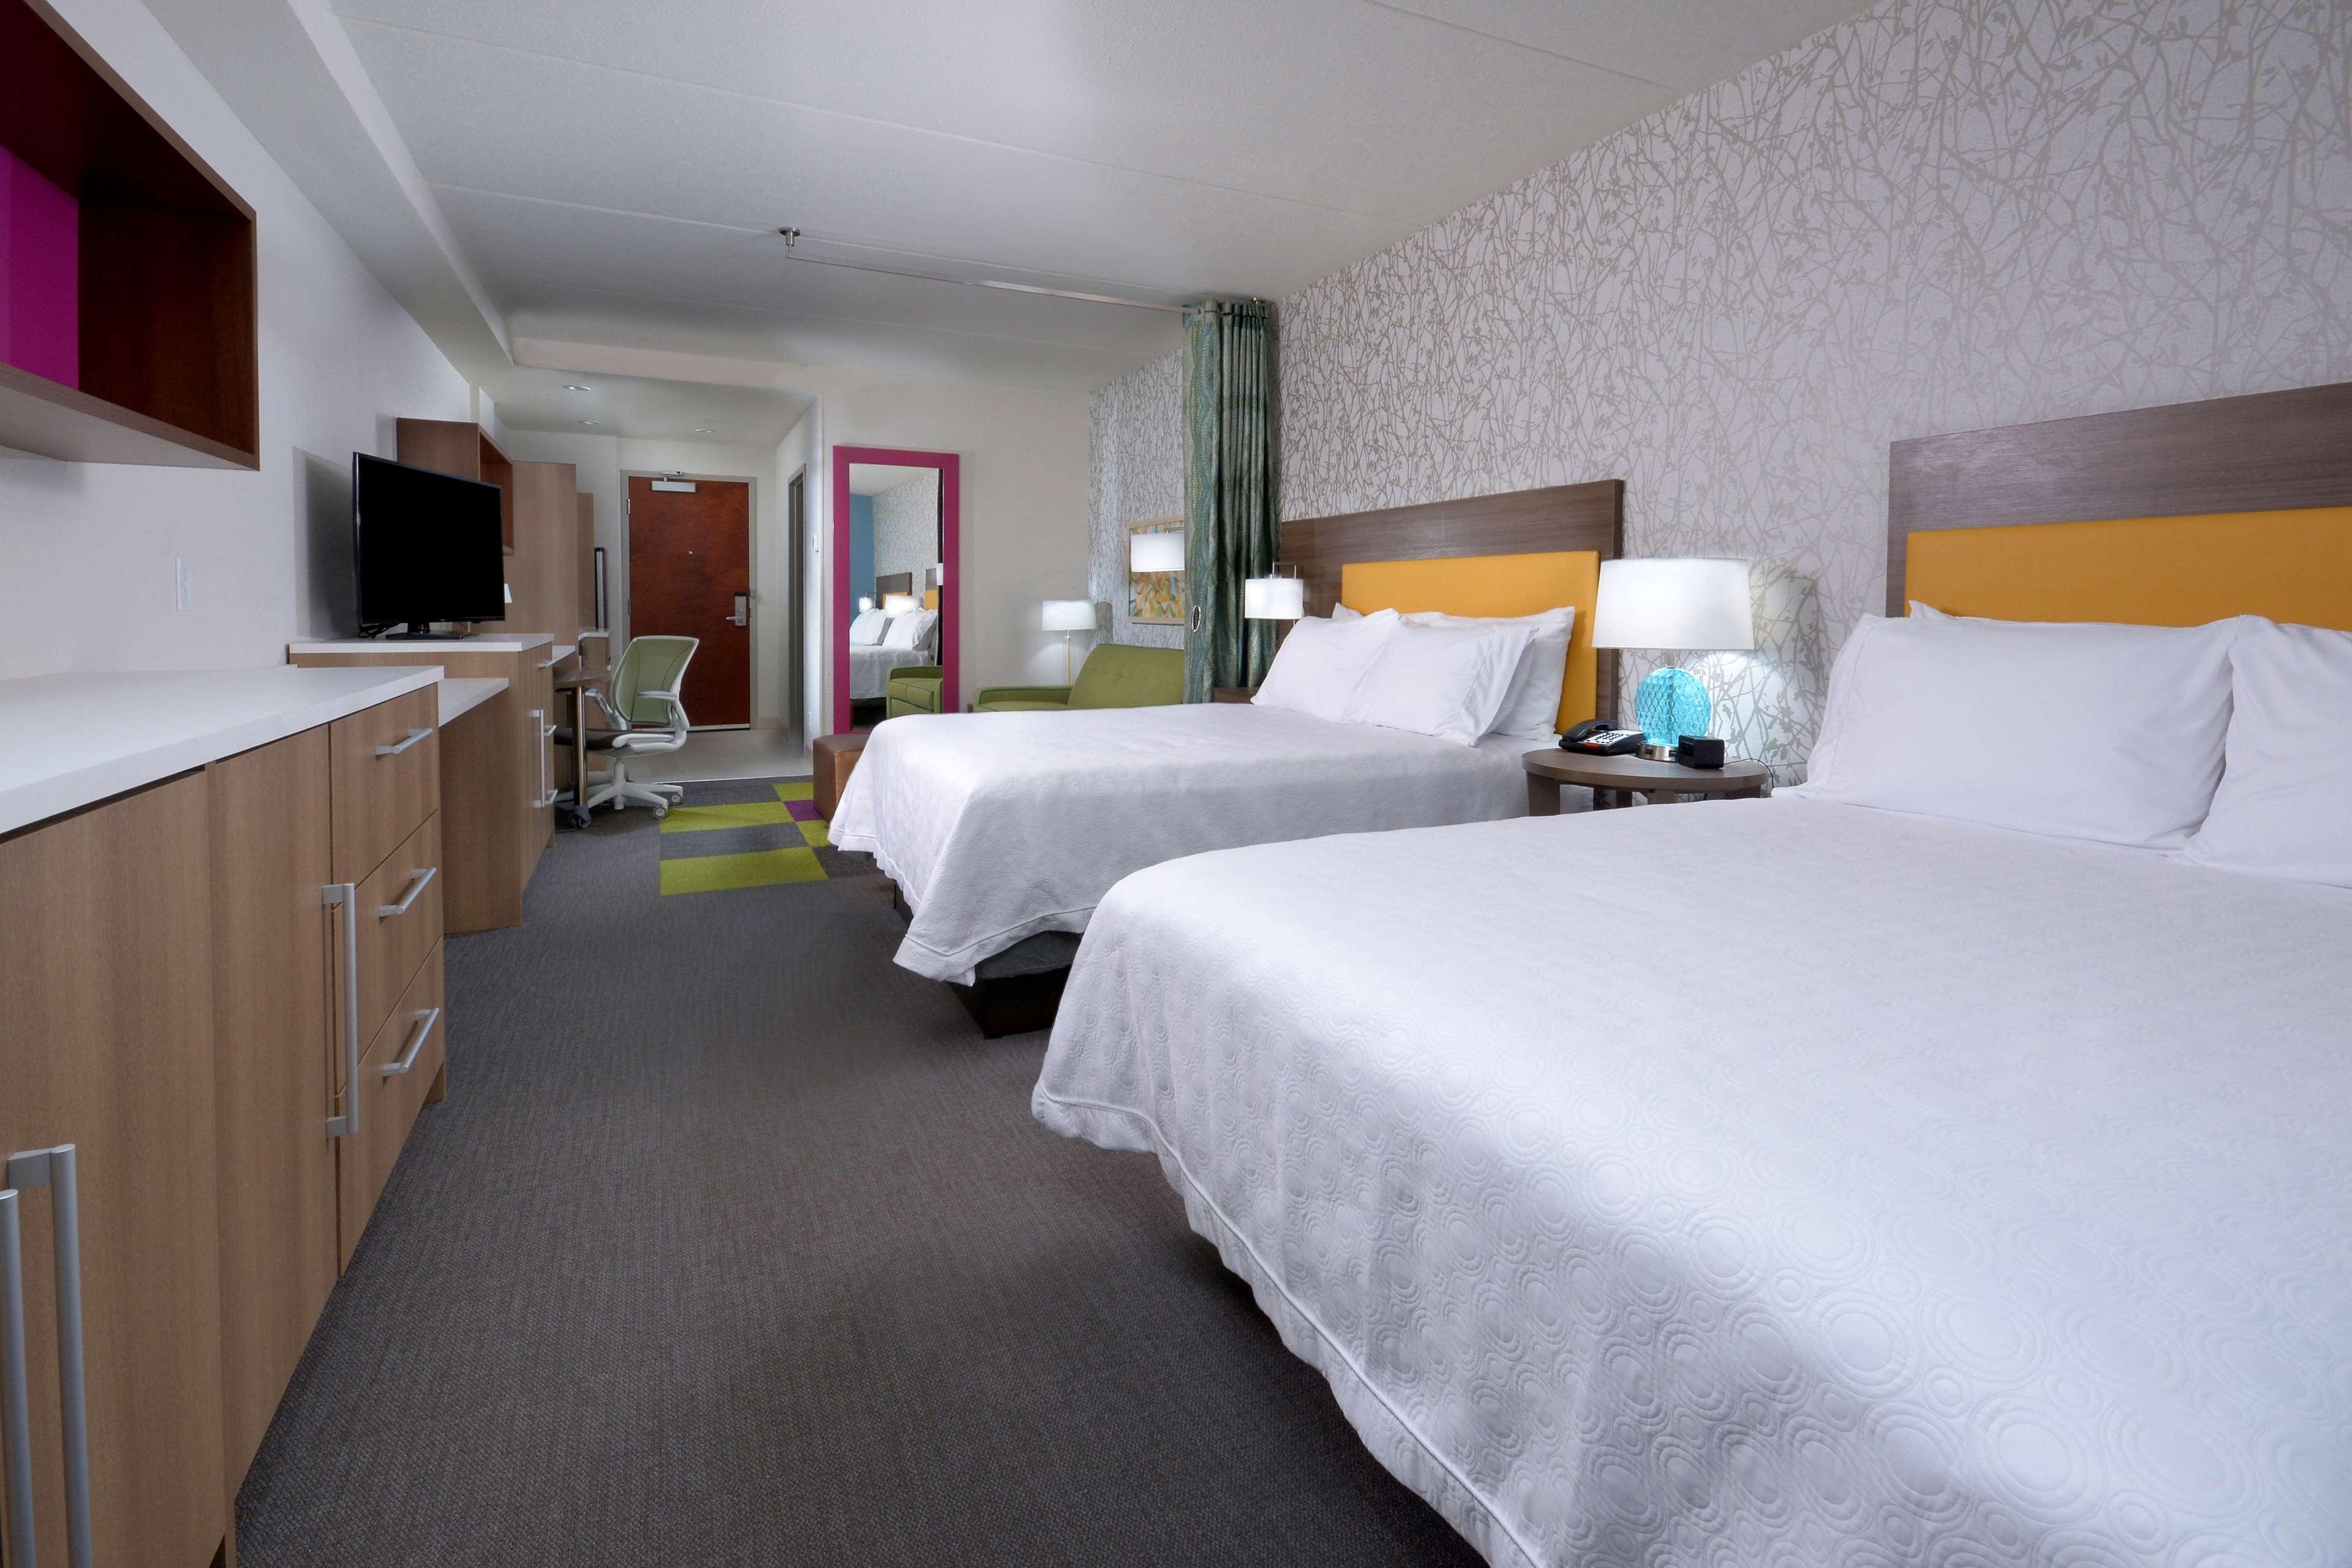 Home2 Suites by Hilton Duncan image 25